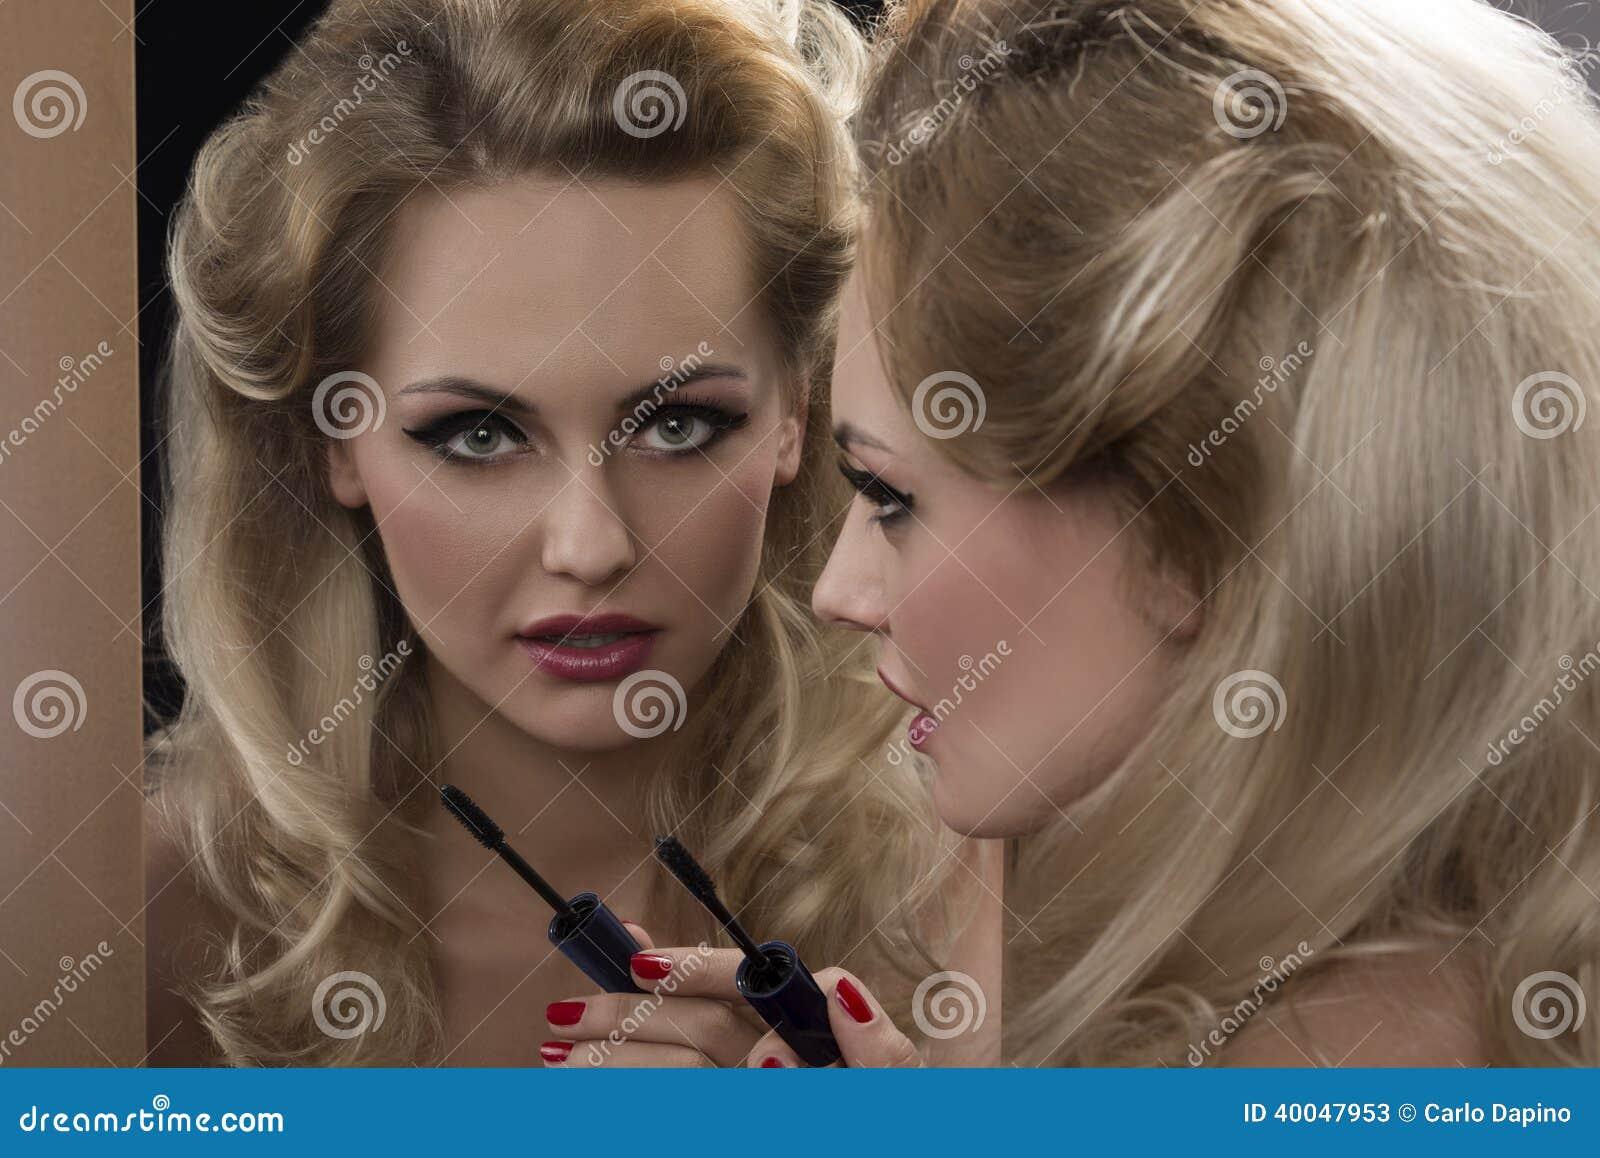 Ragazza affascinante davanti allo specchio fotografia - Ragazza davanti allo specchio ...